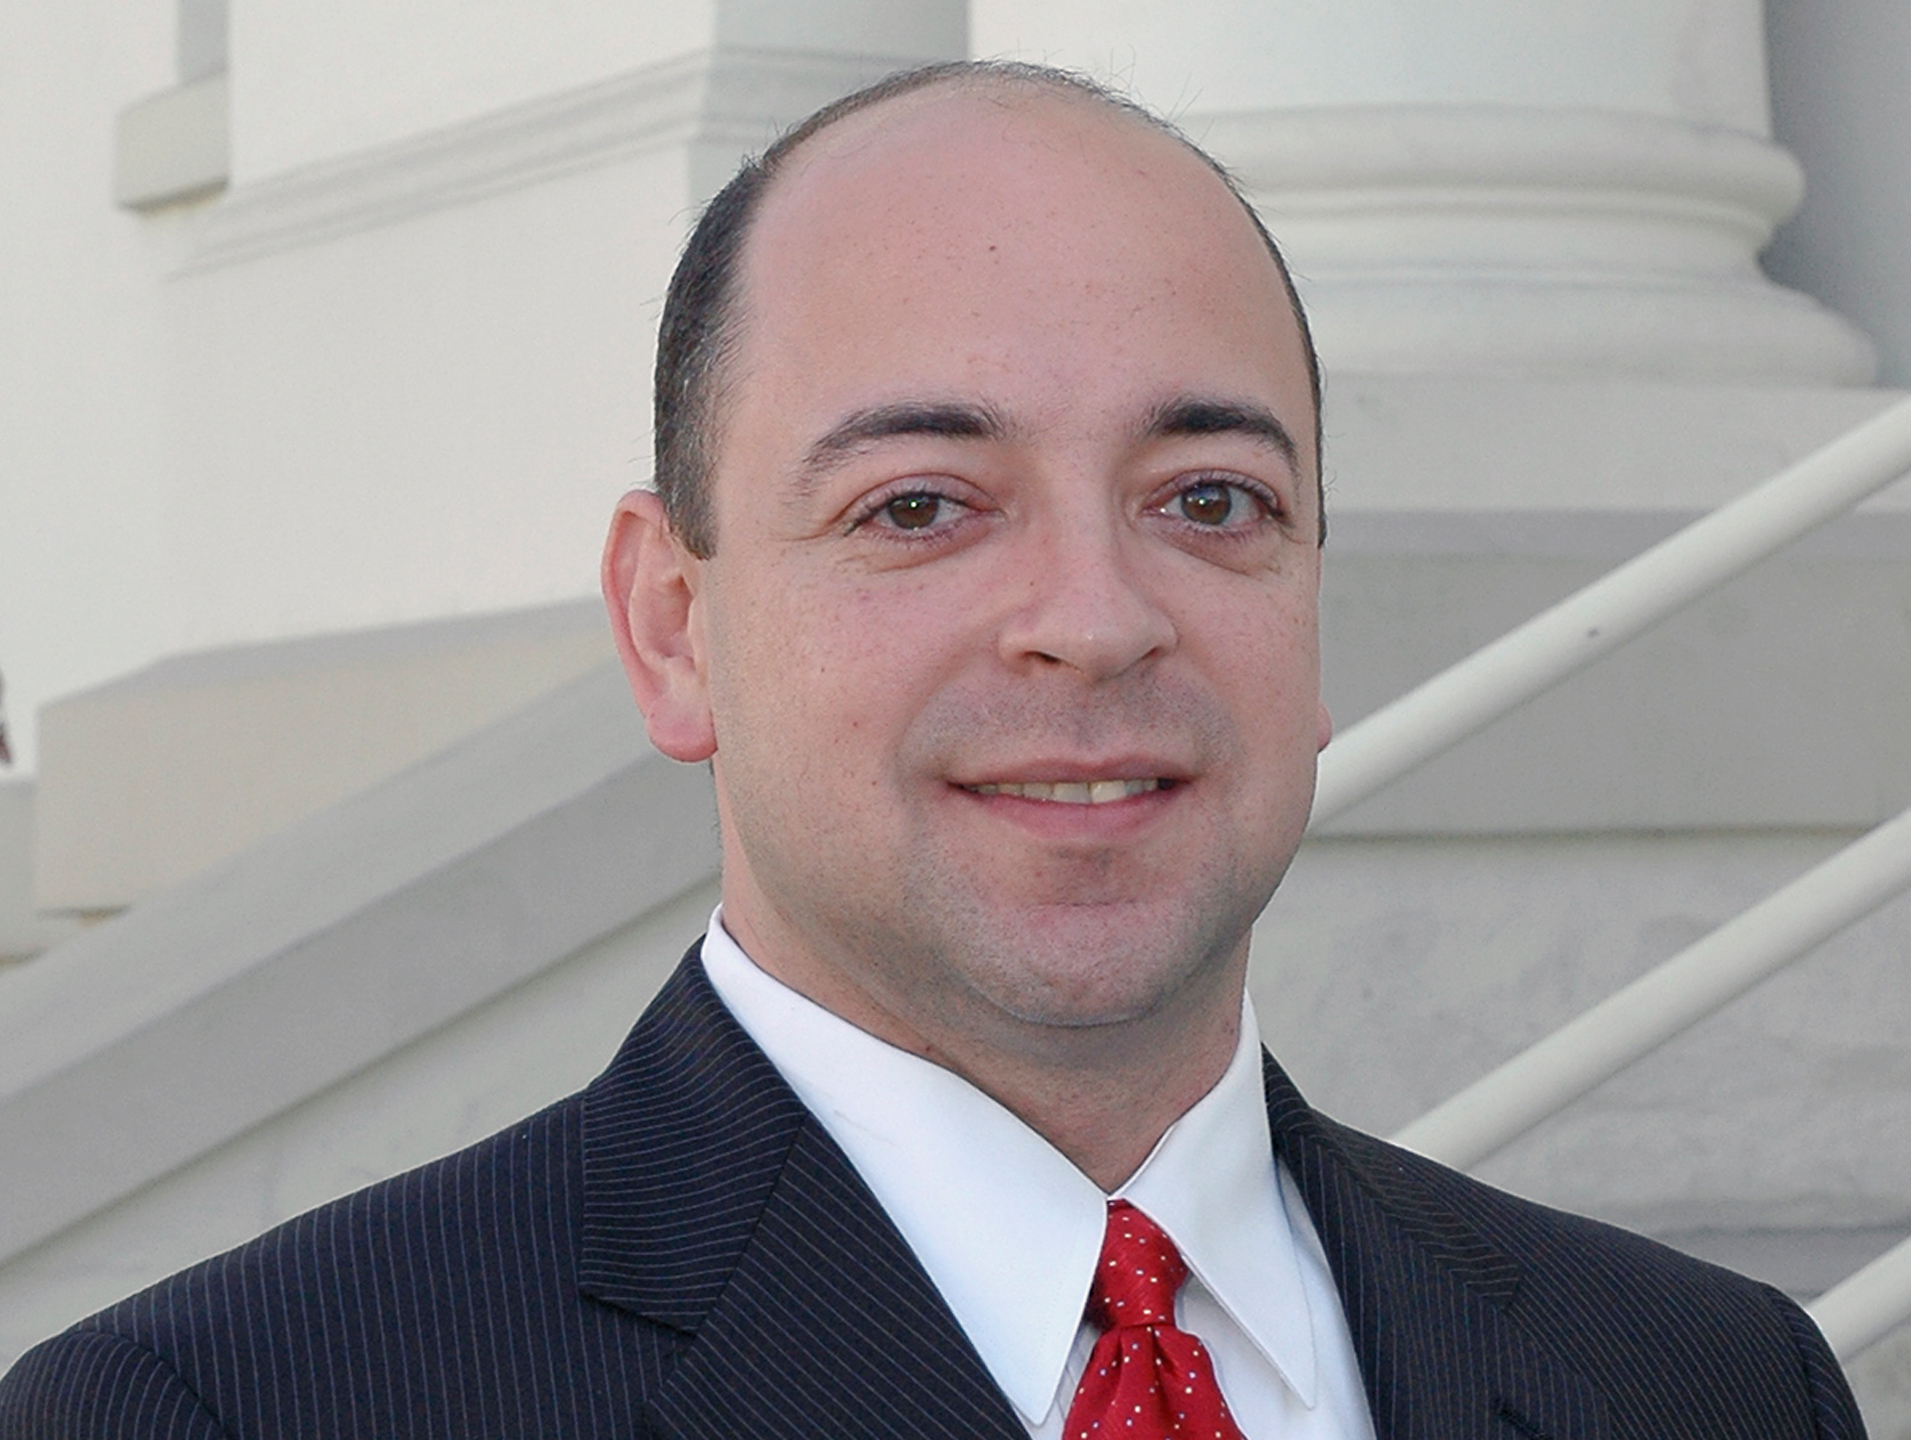 Daniel Servint